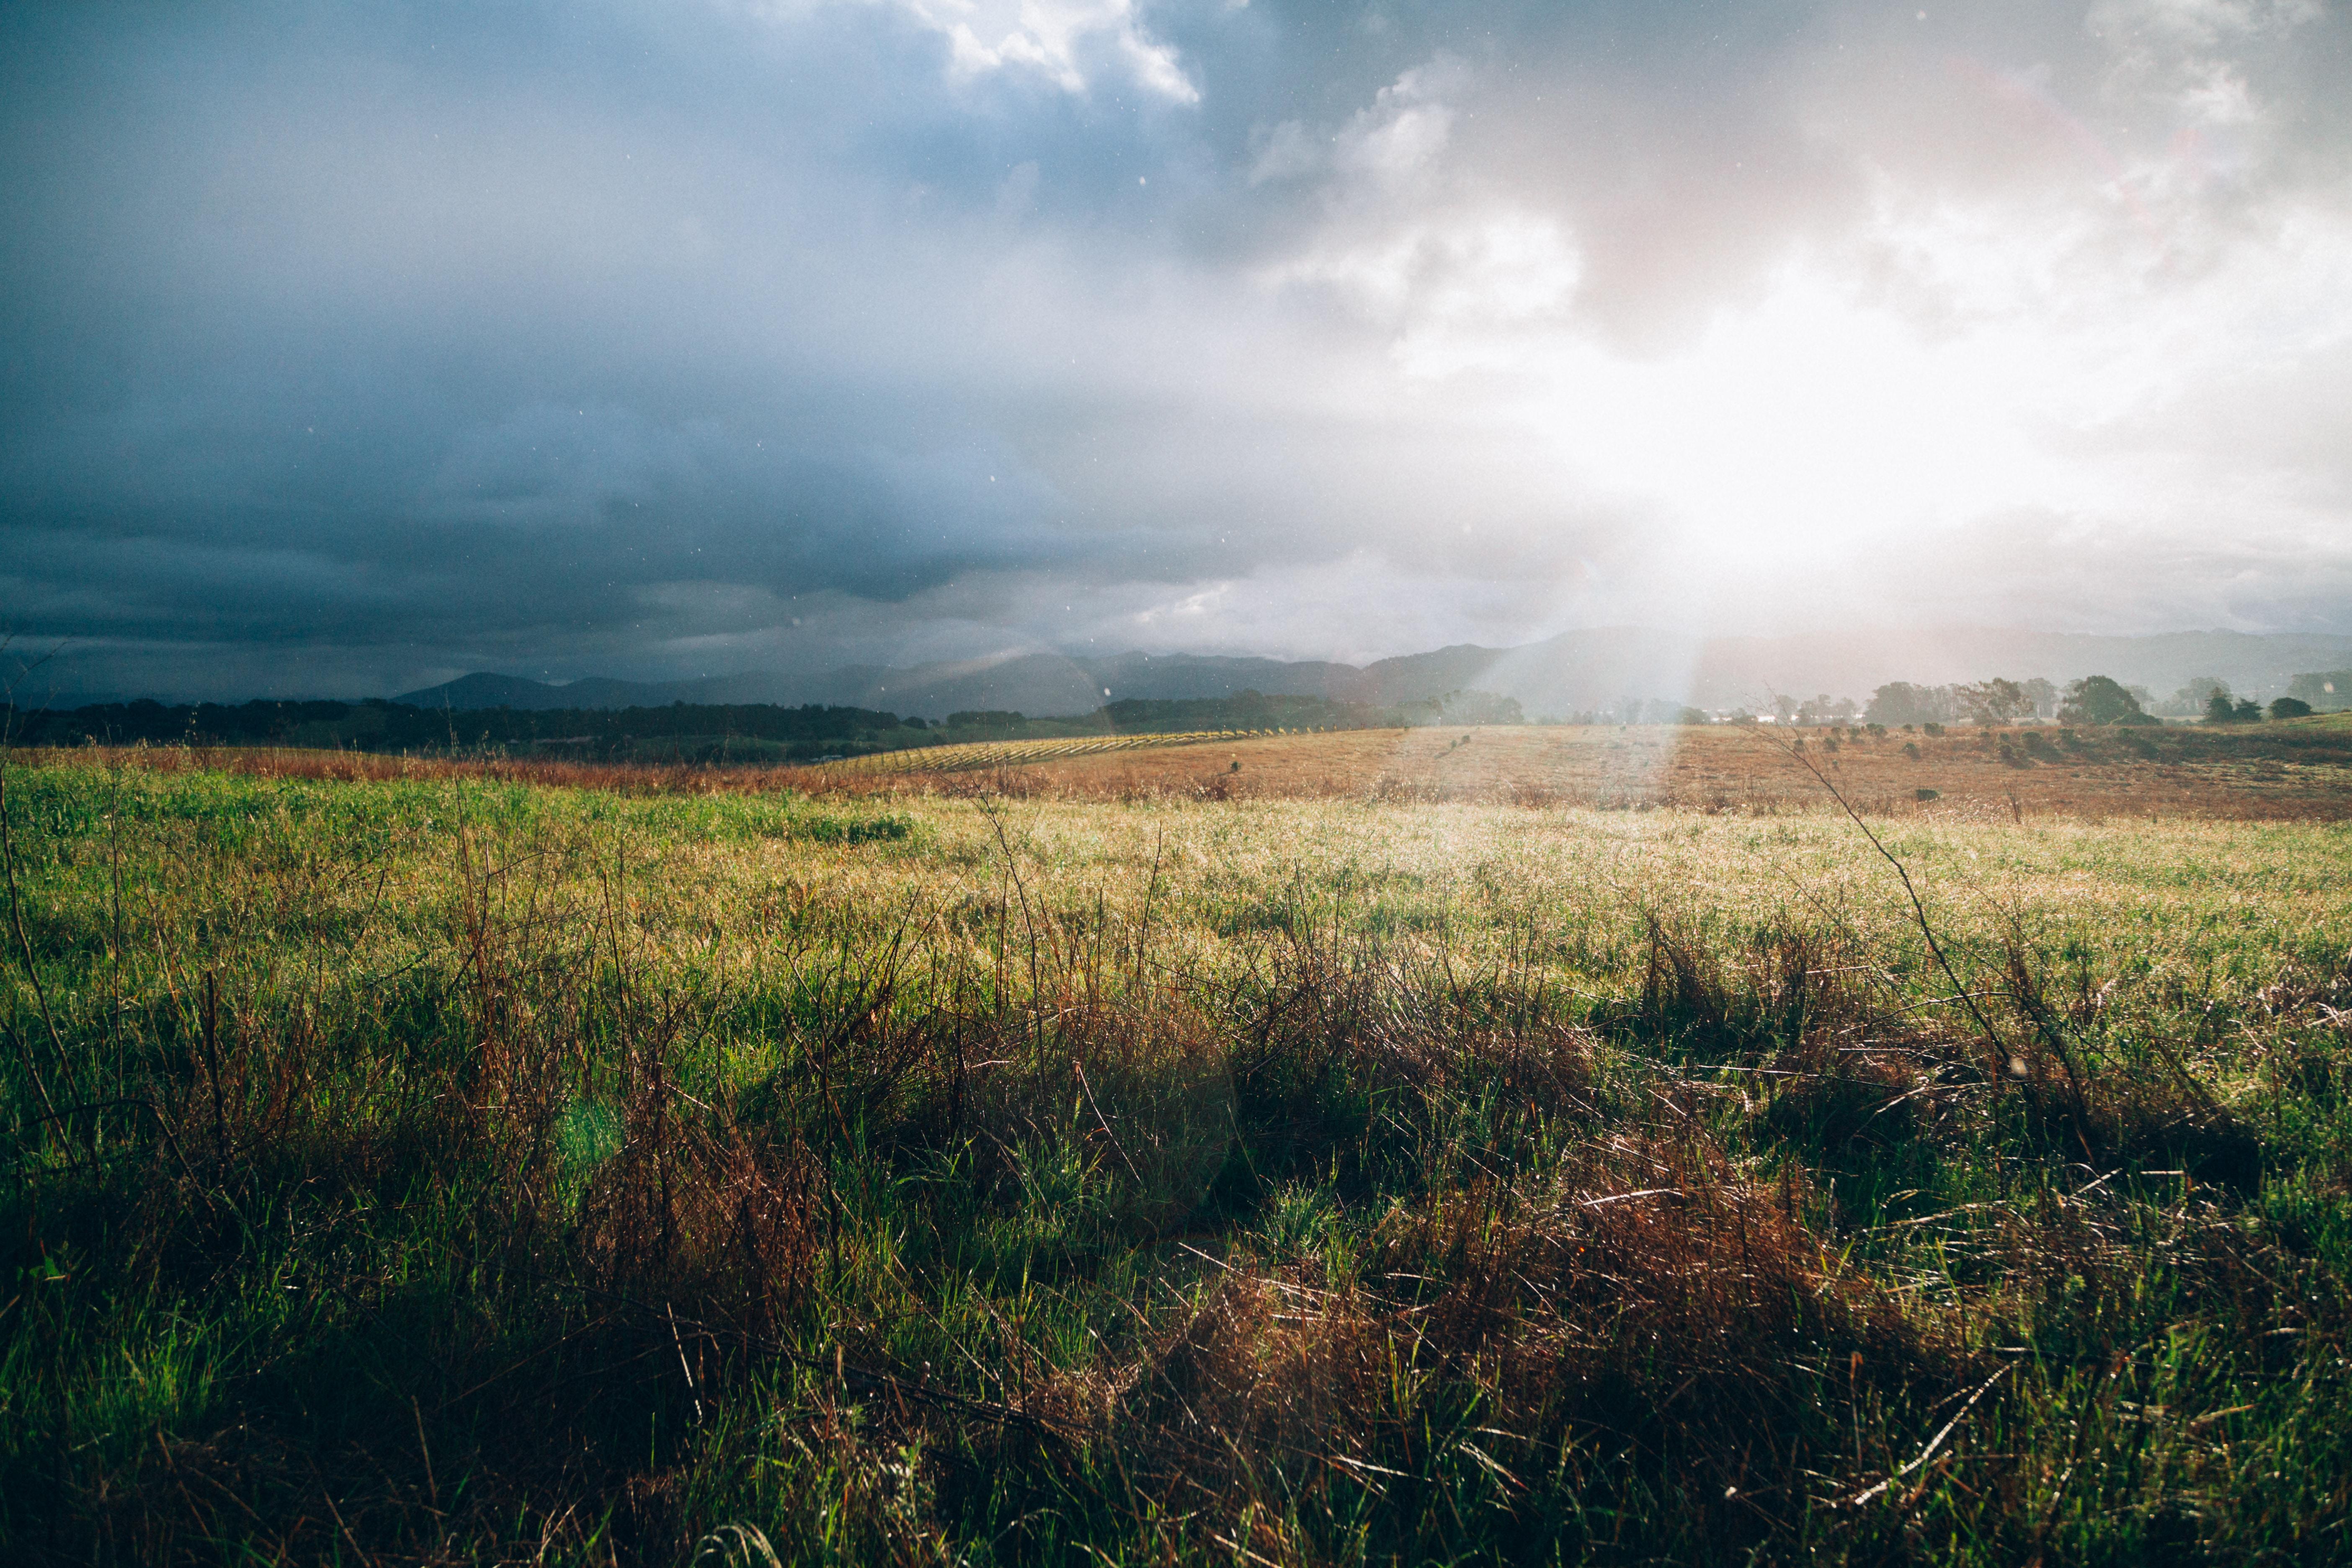 green grass field near mountains in sunset